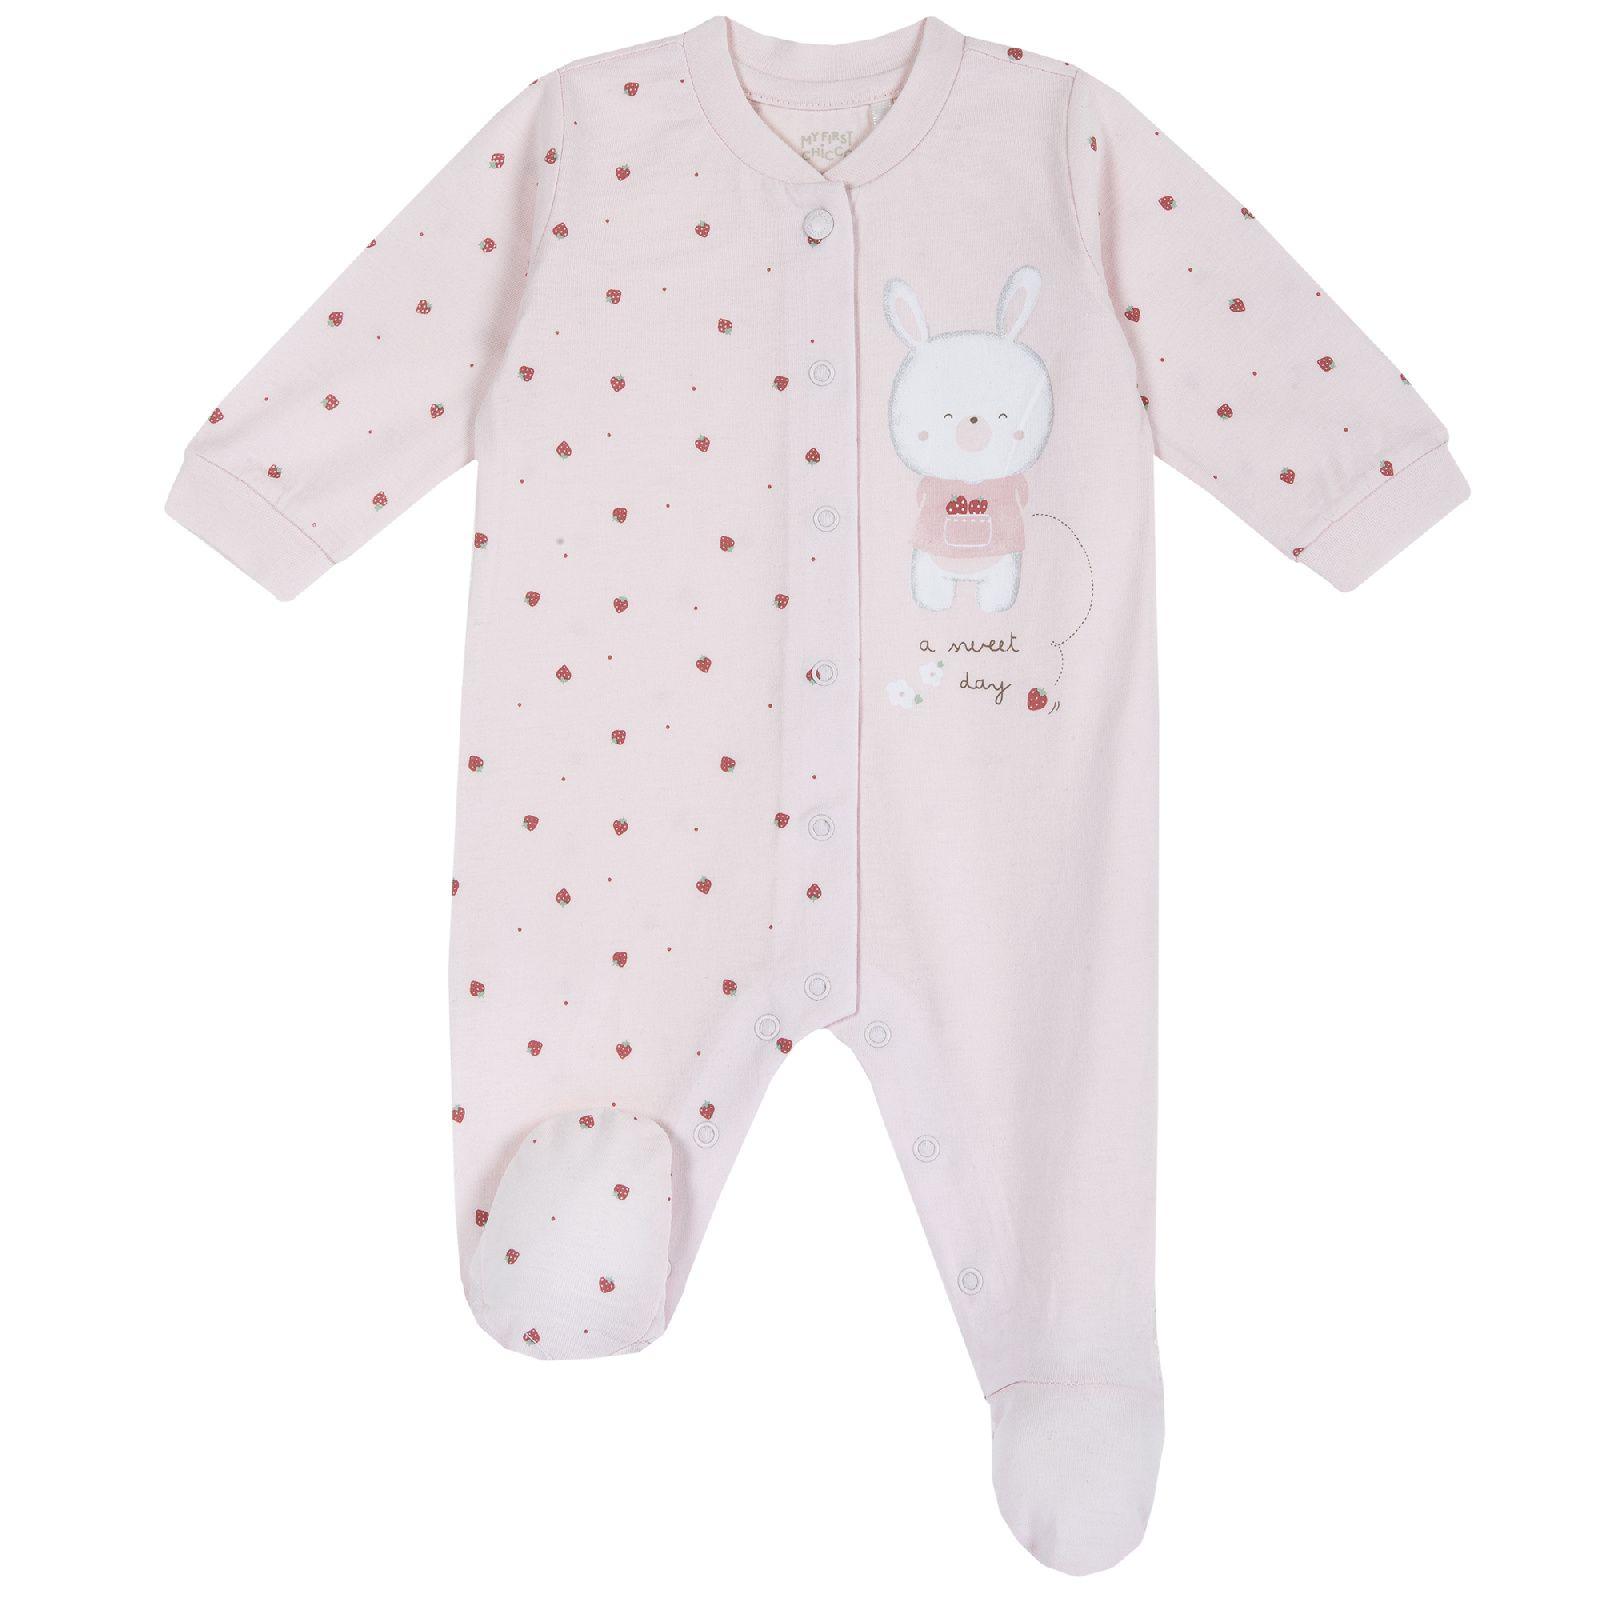 Комбинезон для девочек Chicco с клубничками, цвет розовый, размер 68